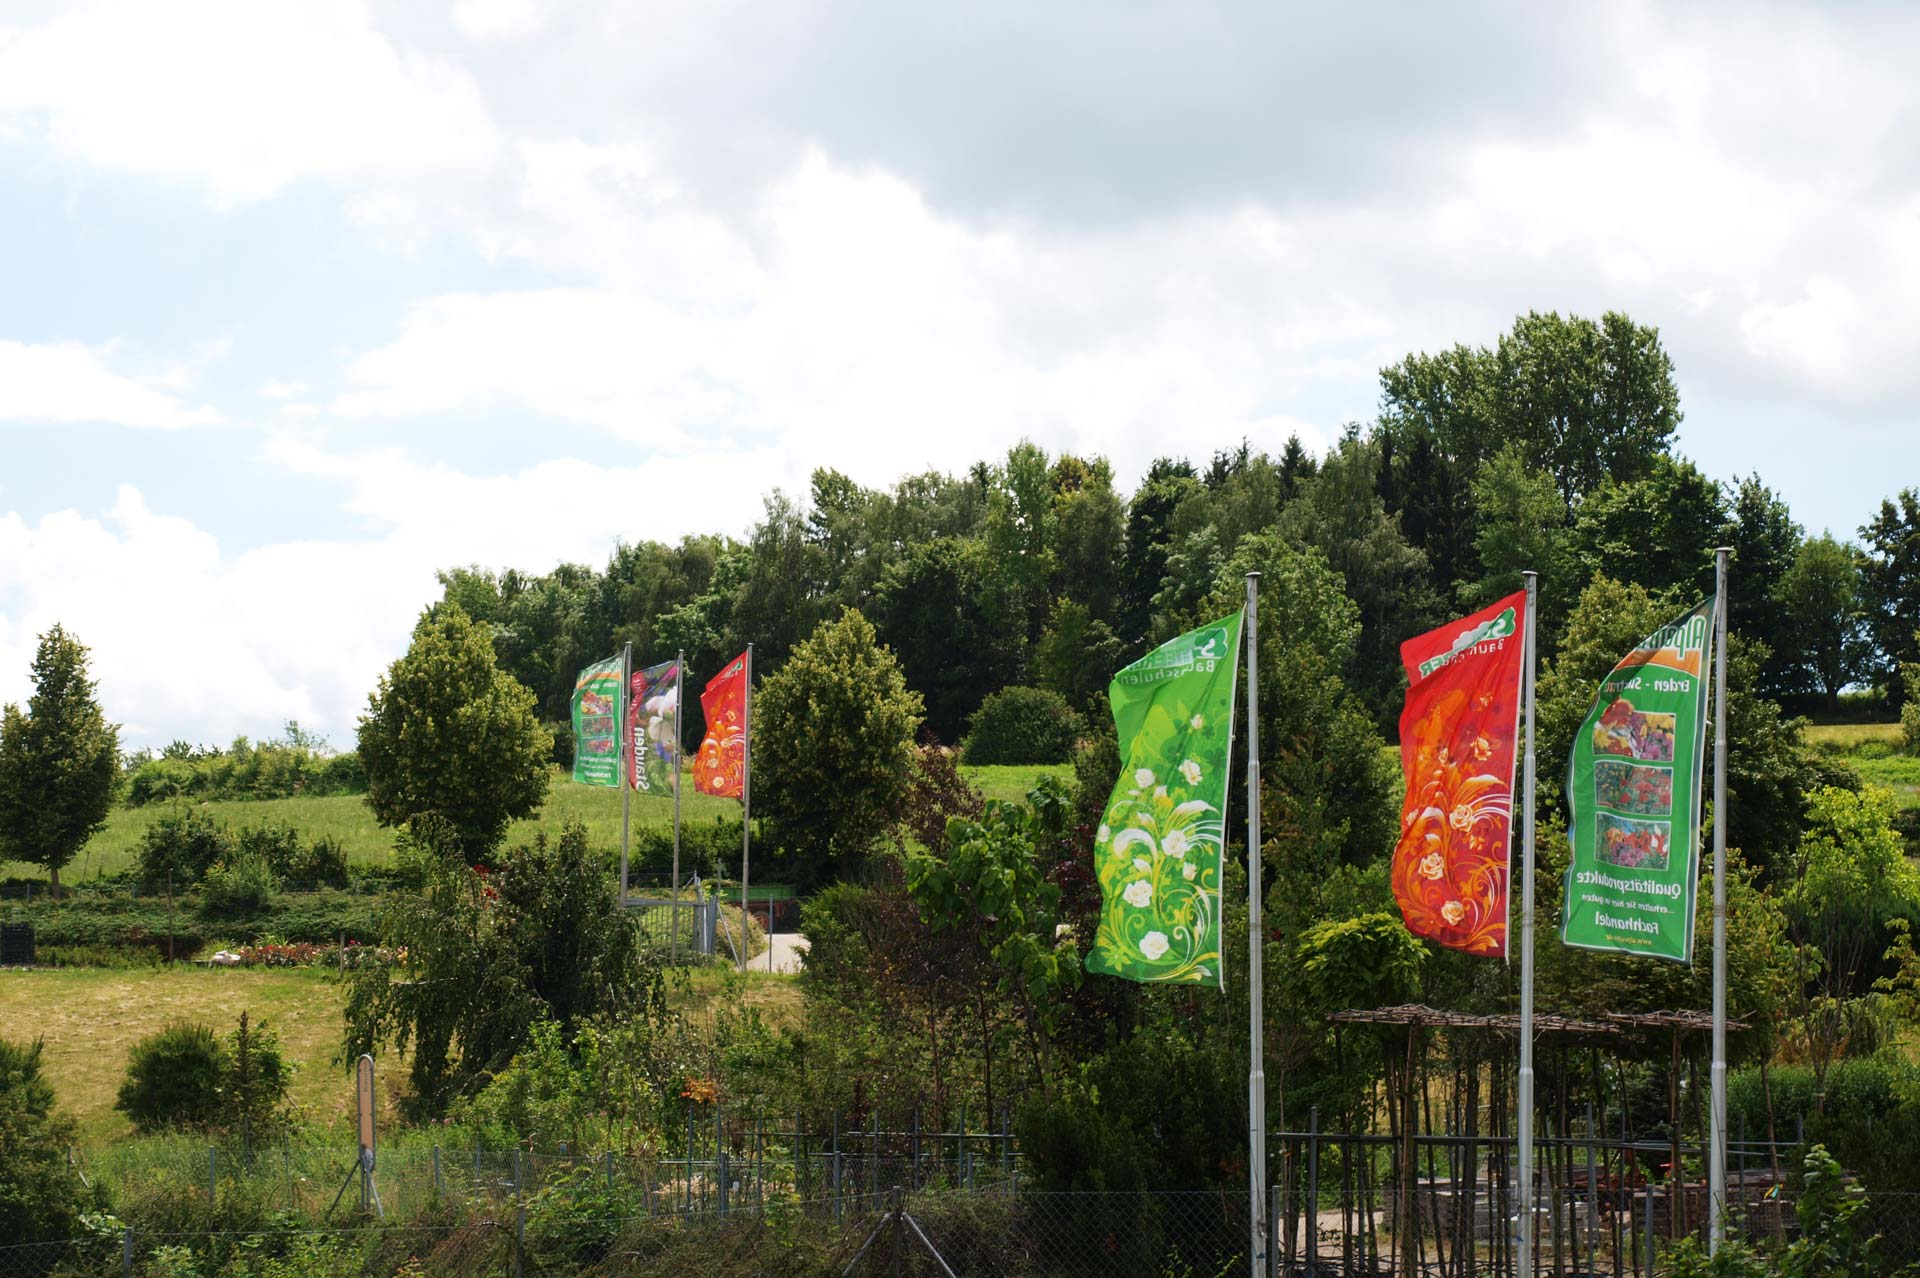 Scheerer Baumschulen & Gartencenter in Langenau/ Albeck, Baden Württemberg, Pflanzenmarkt, Produkvielfalt, Pflanzen, Bäume, Gartengestaltung